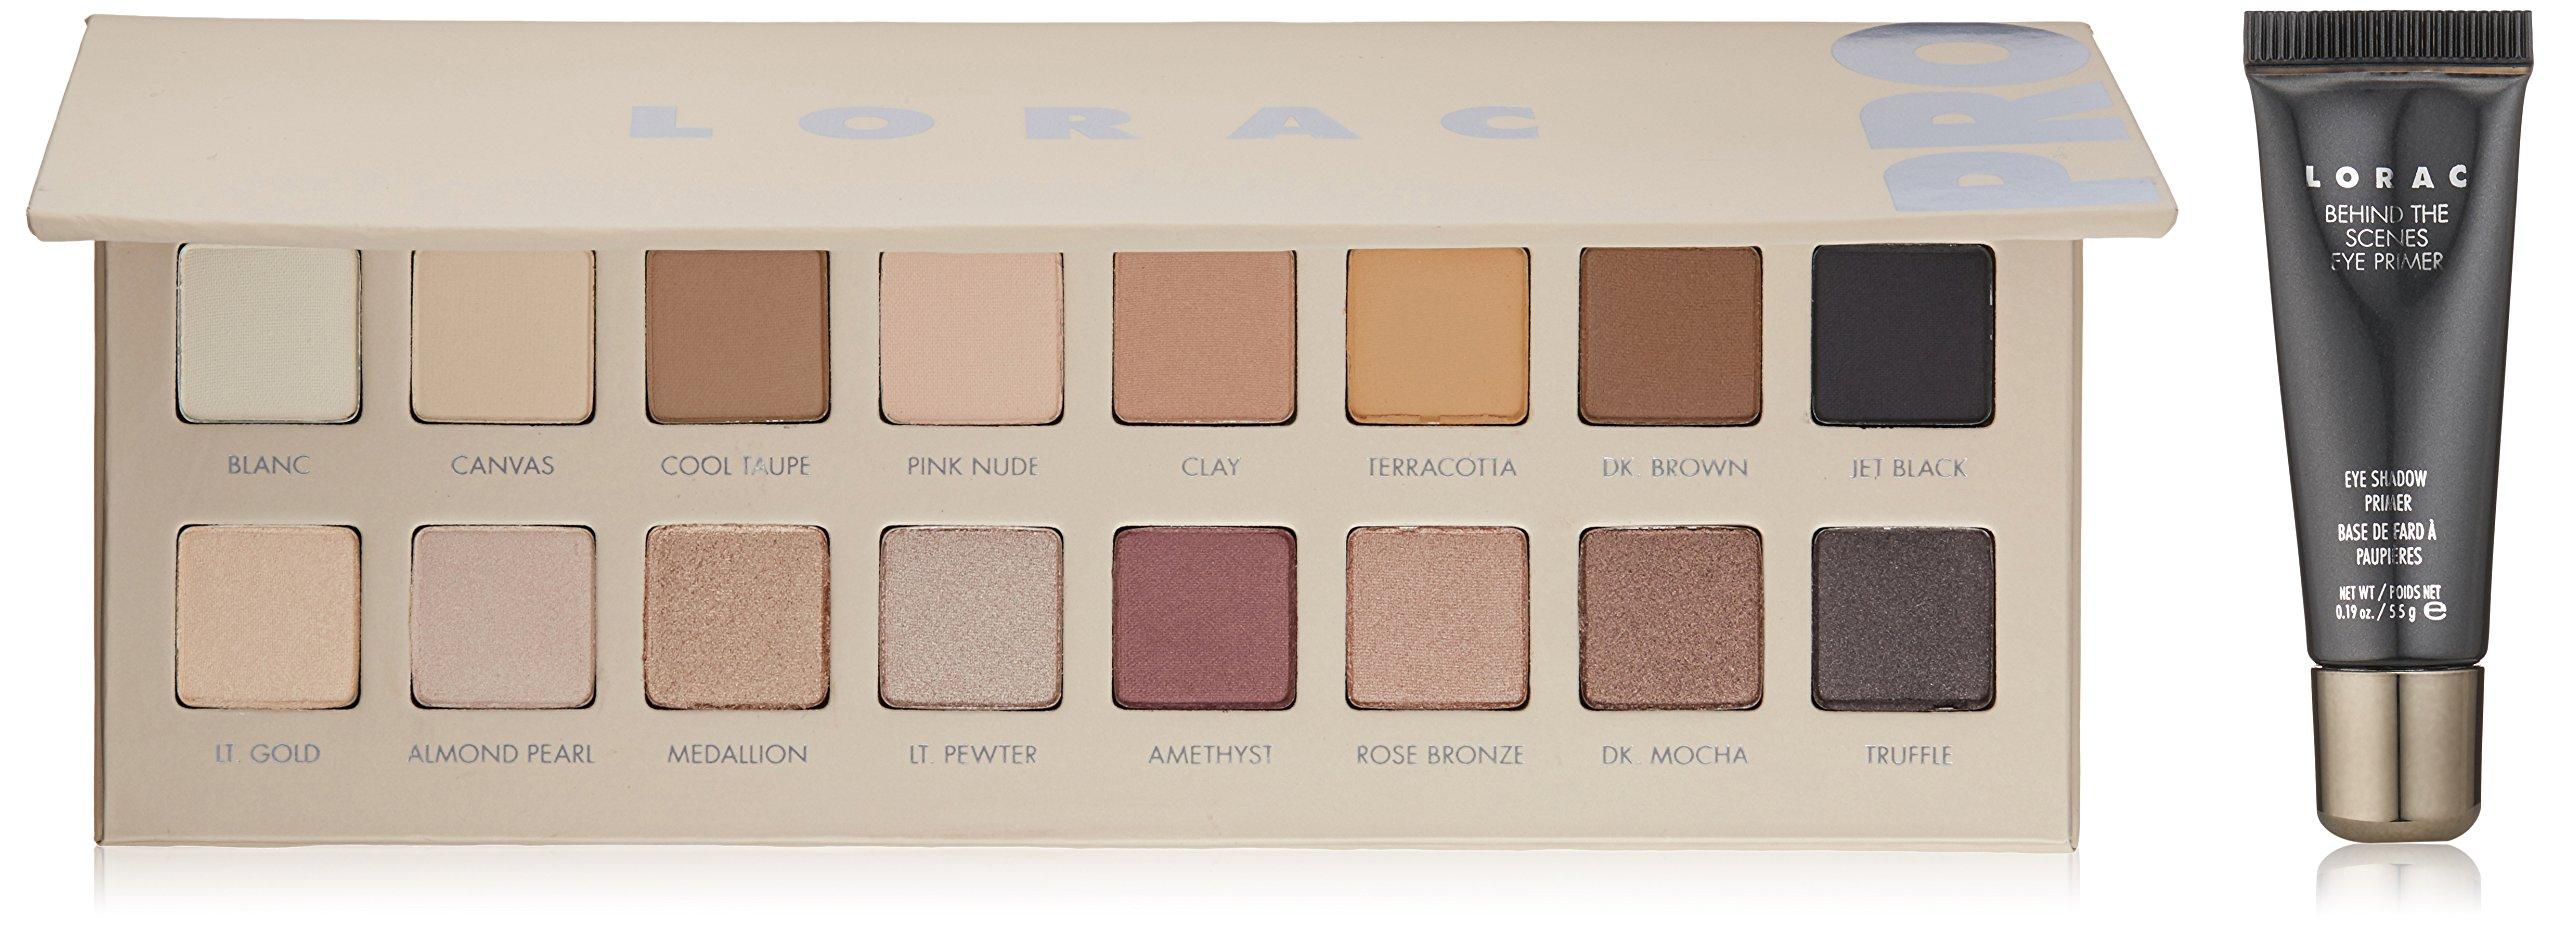 Lorac Eye Shadow Pro Palette 3 Luxury Beauty Lt Naturally Glam